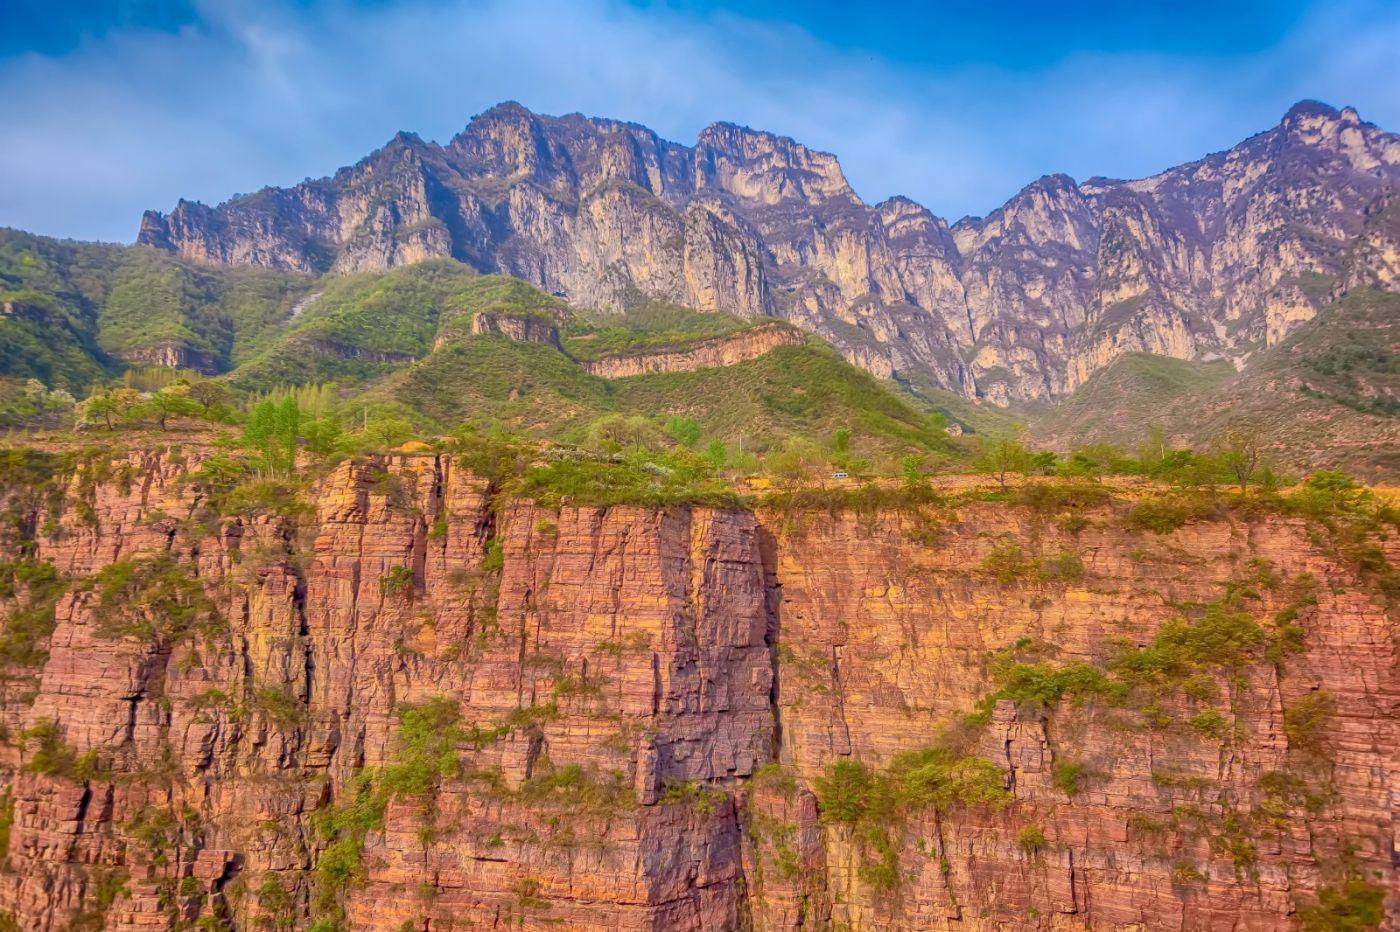 崖壁上的古村落 郭亮村 绝处也有风景_图1-27